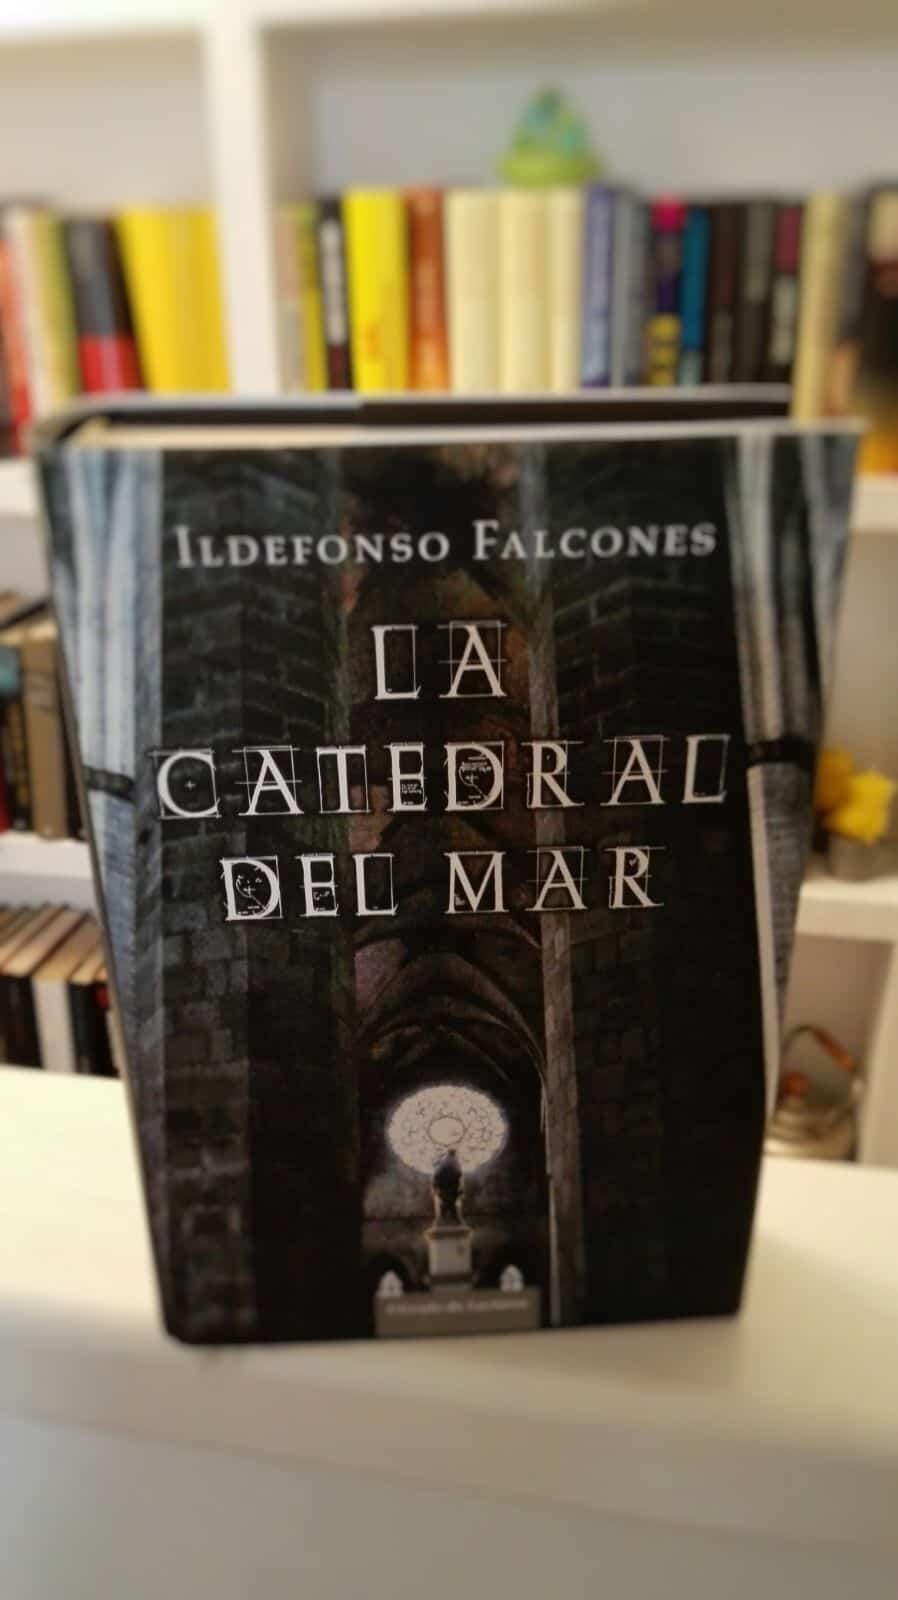 La conocida novela de Ildefonso Falcones se desarrolla en la Barcelona medieval